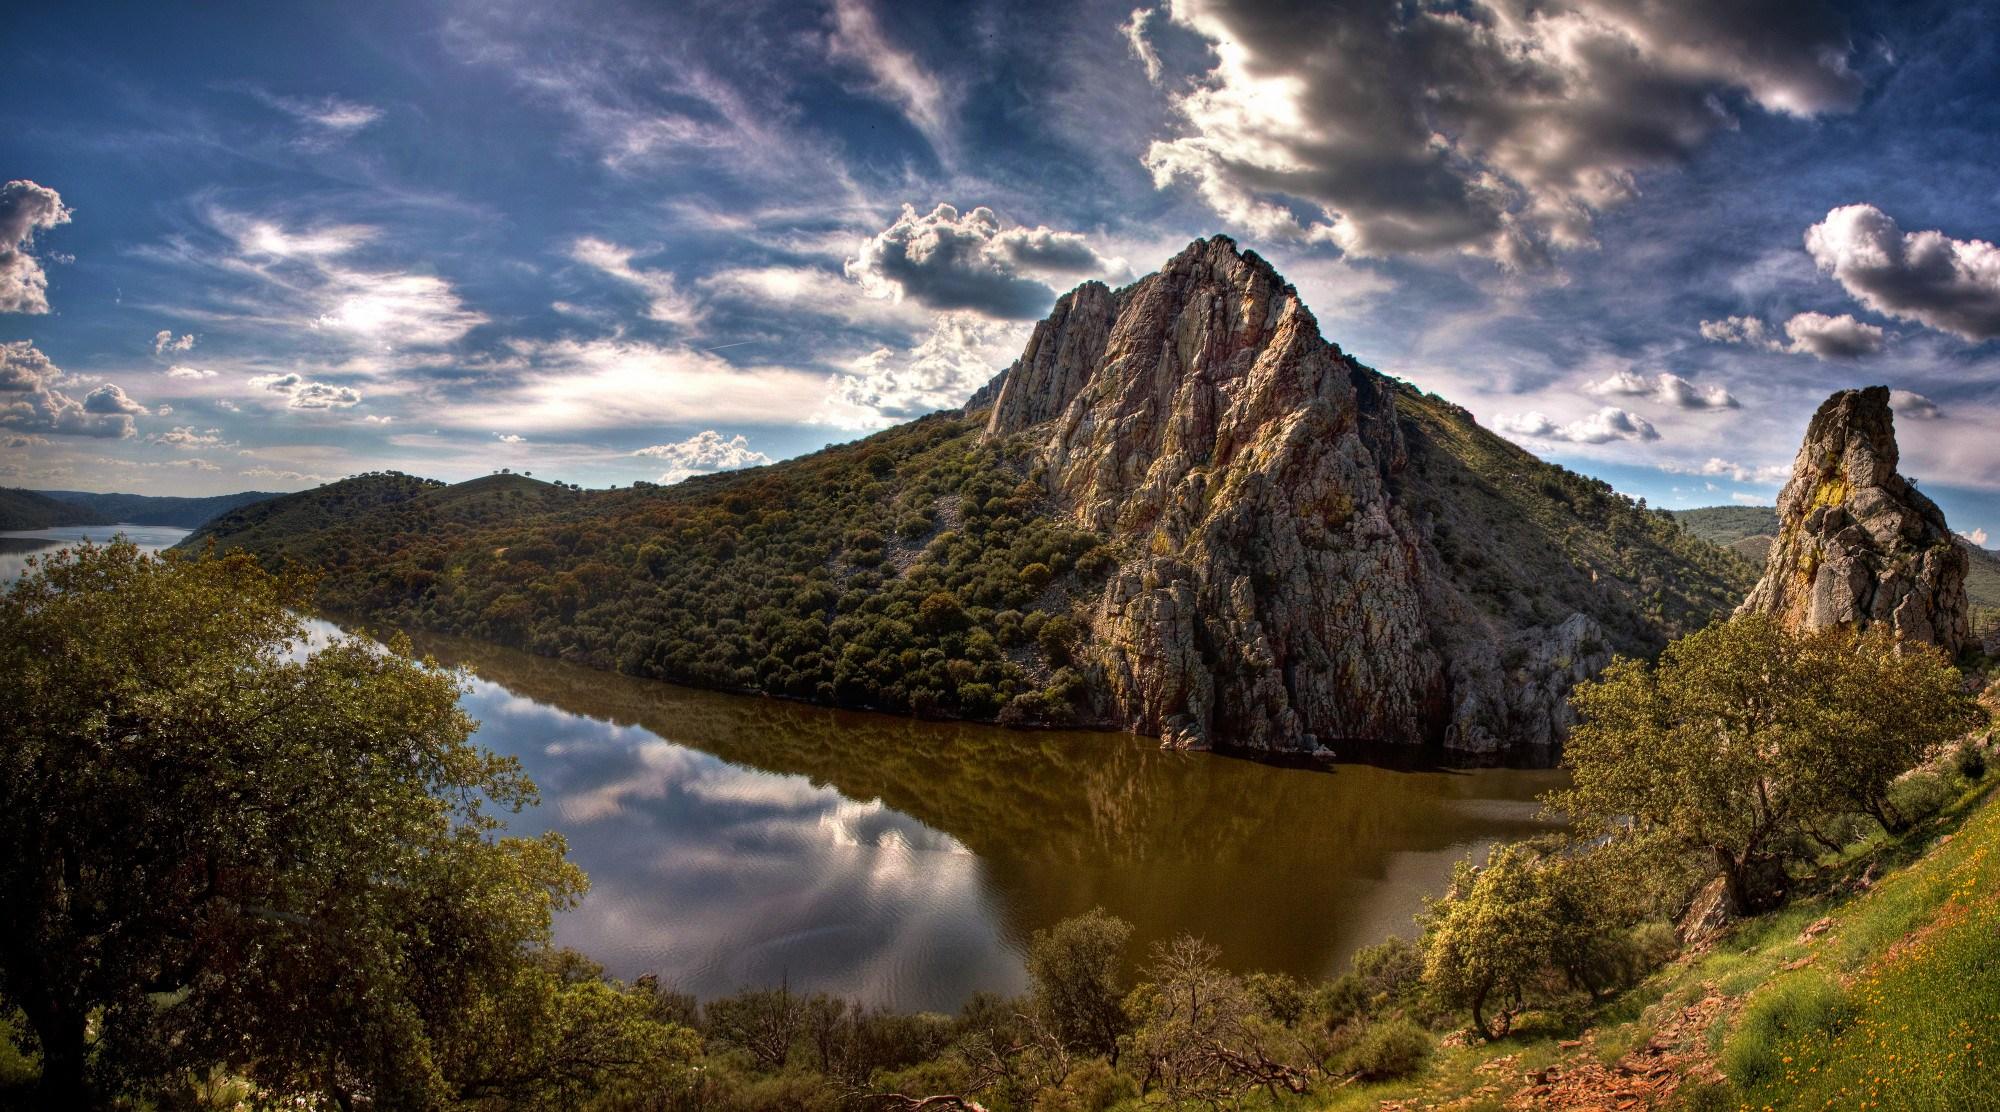 Visitar el Parque Nacional de Monfragüe. 1